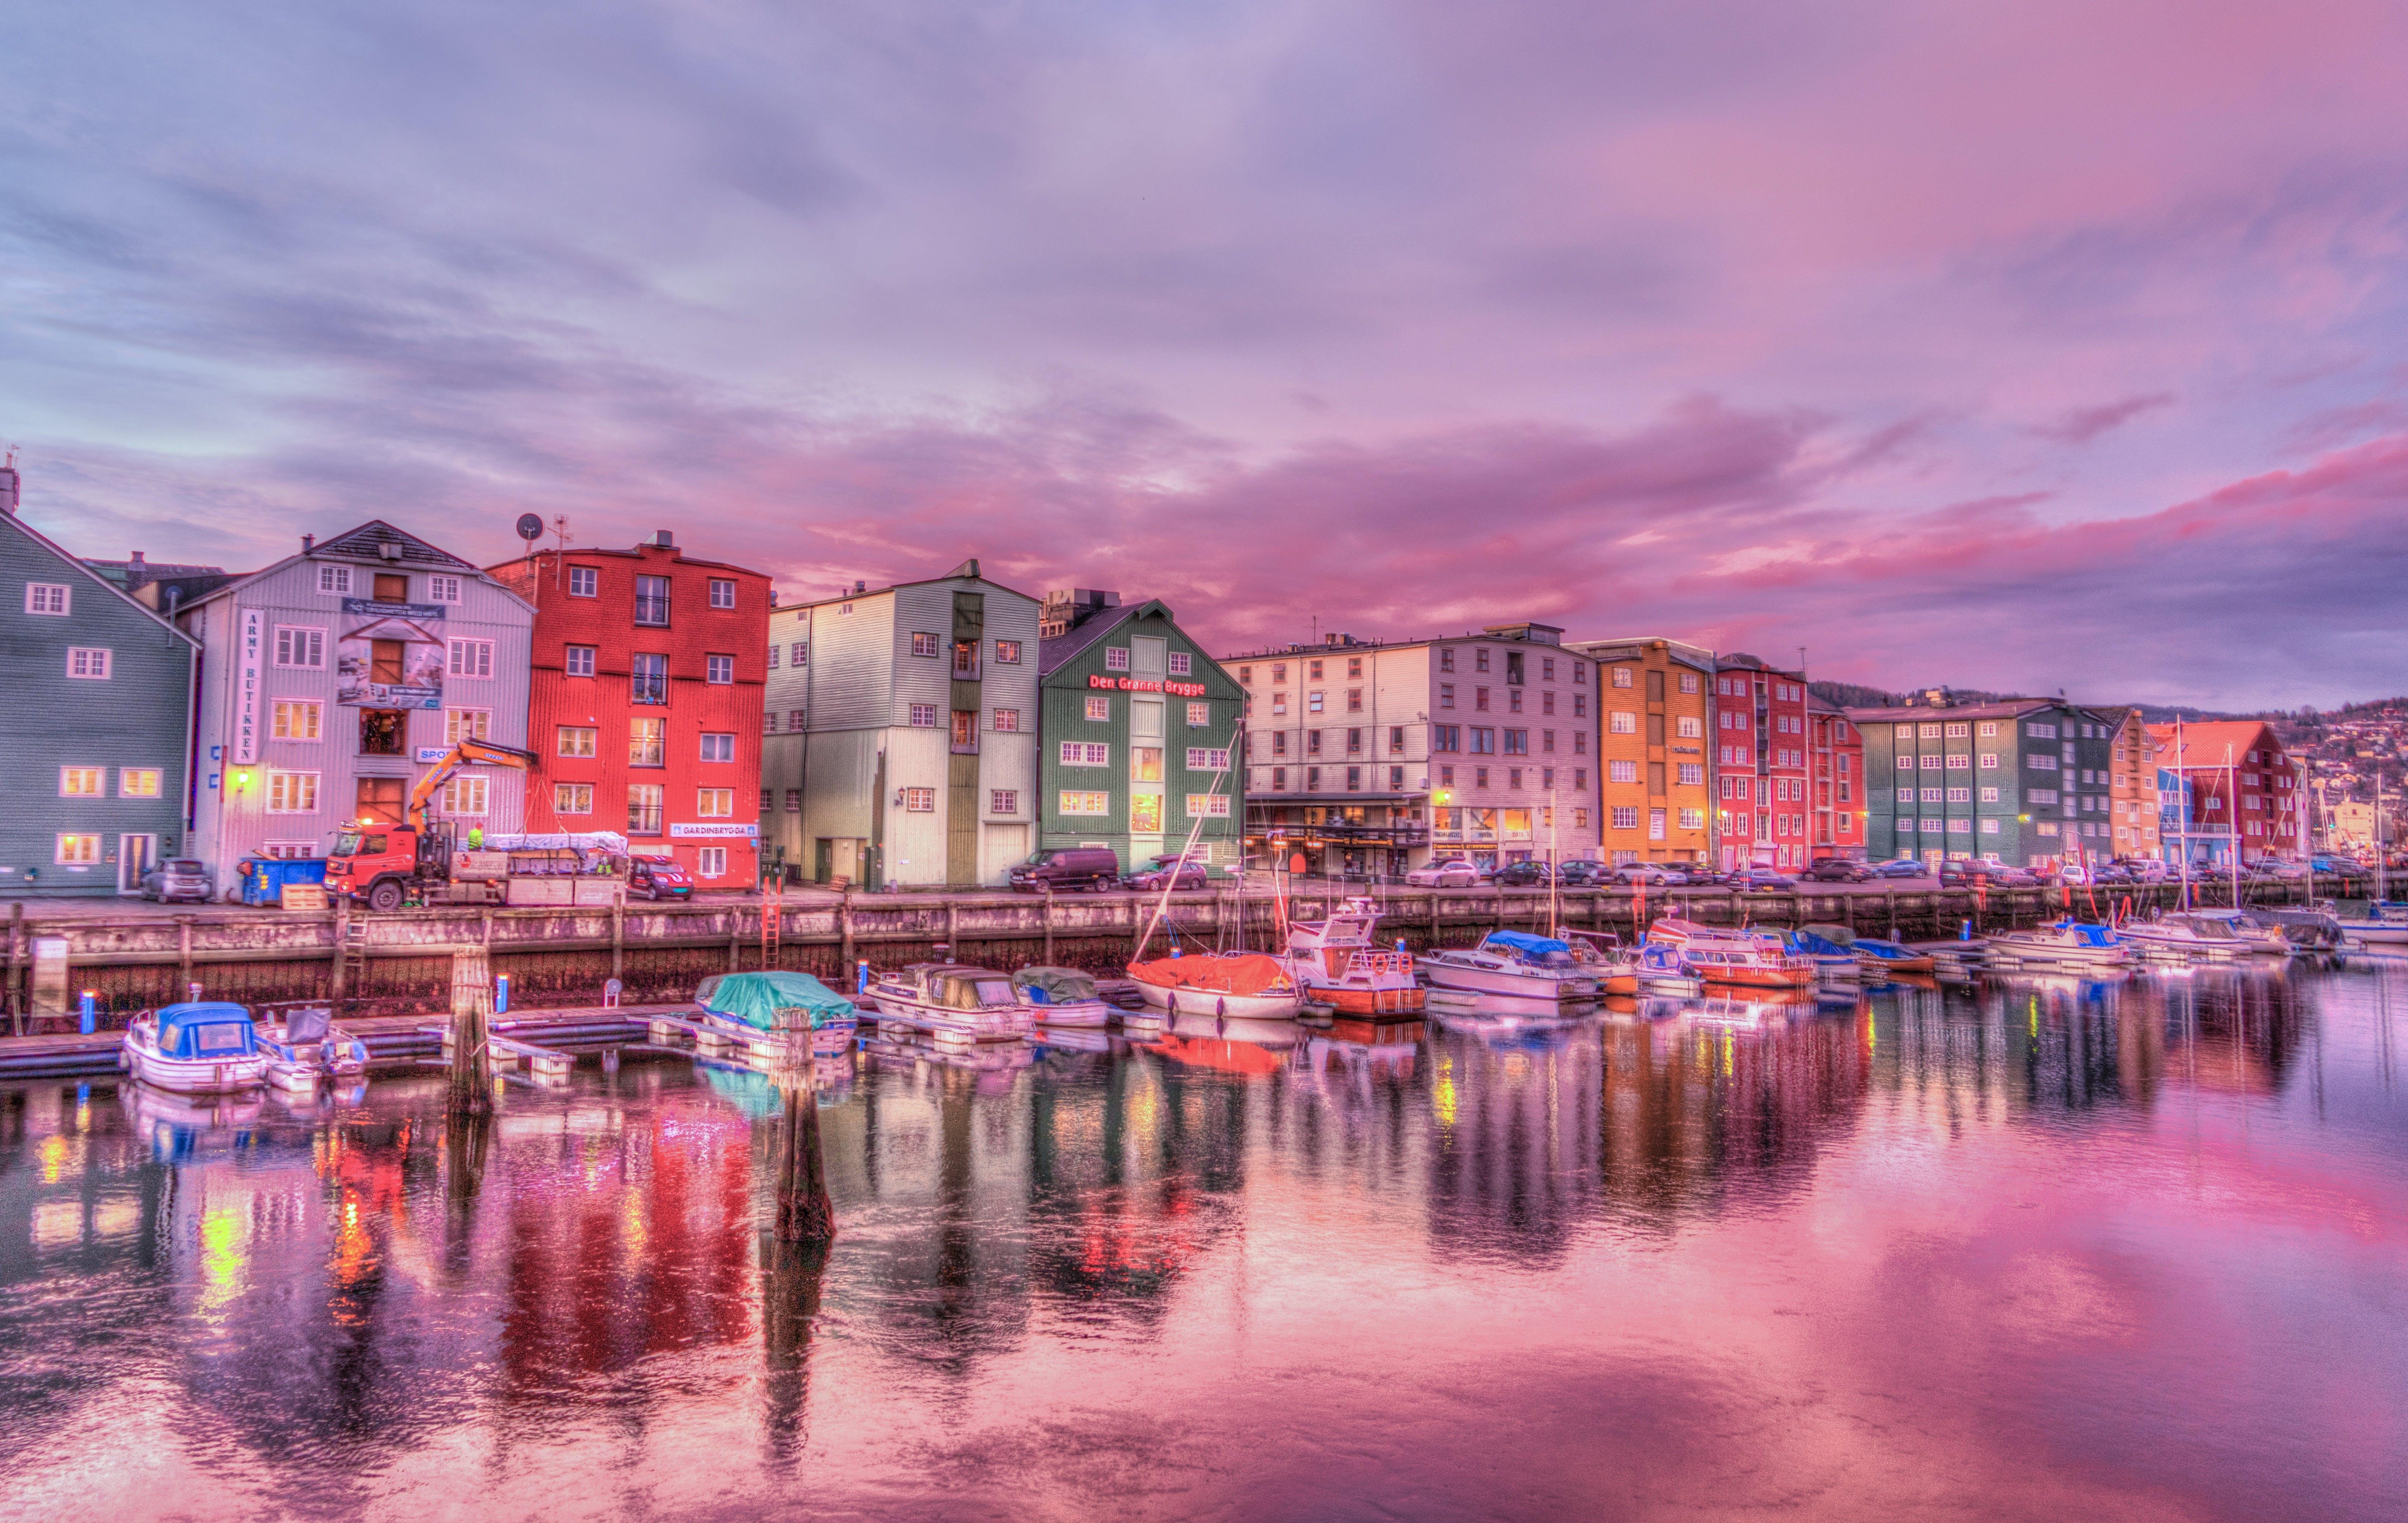 akşam, binalar, bulutlar, deniz içeren Ücretsiz stok fotoğraf